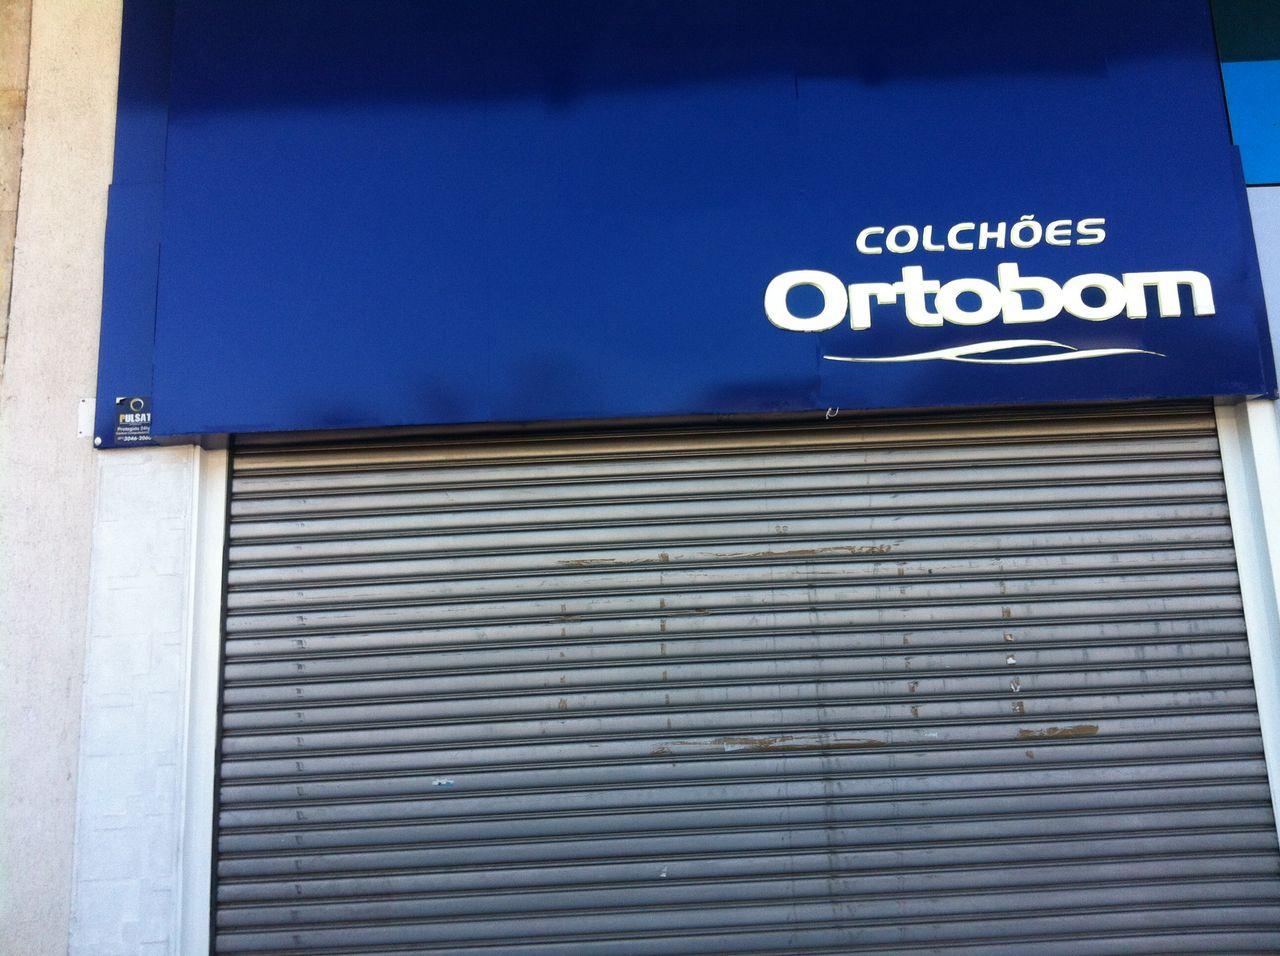 Colchoes Ortobom, CLS 410, Bloco A, Asa Sul, Comércio Brasilia